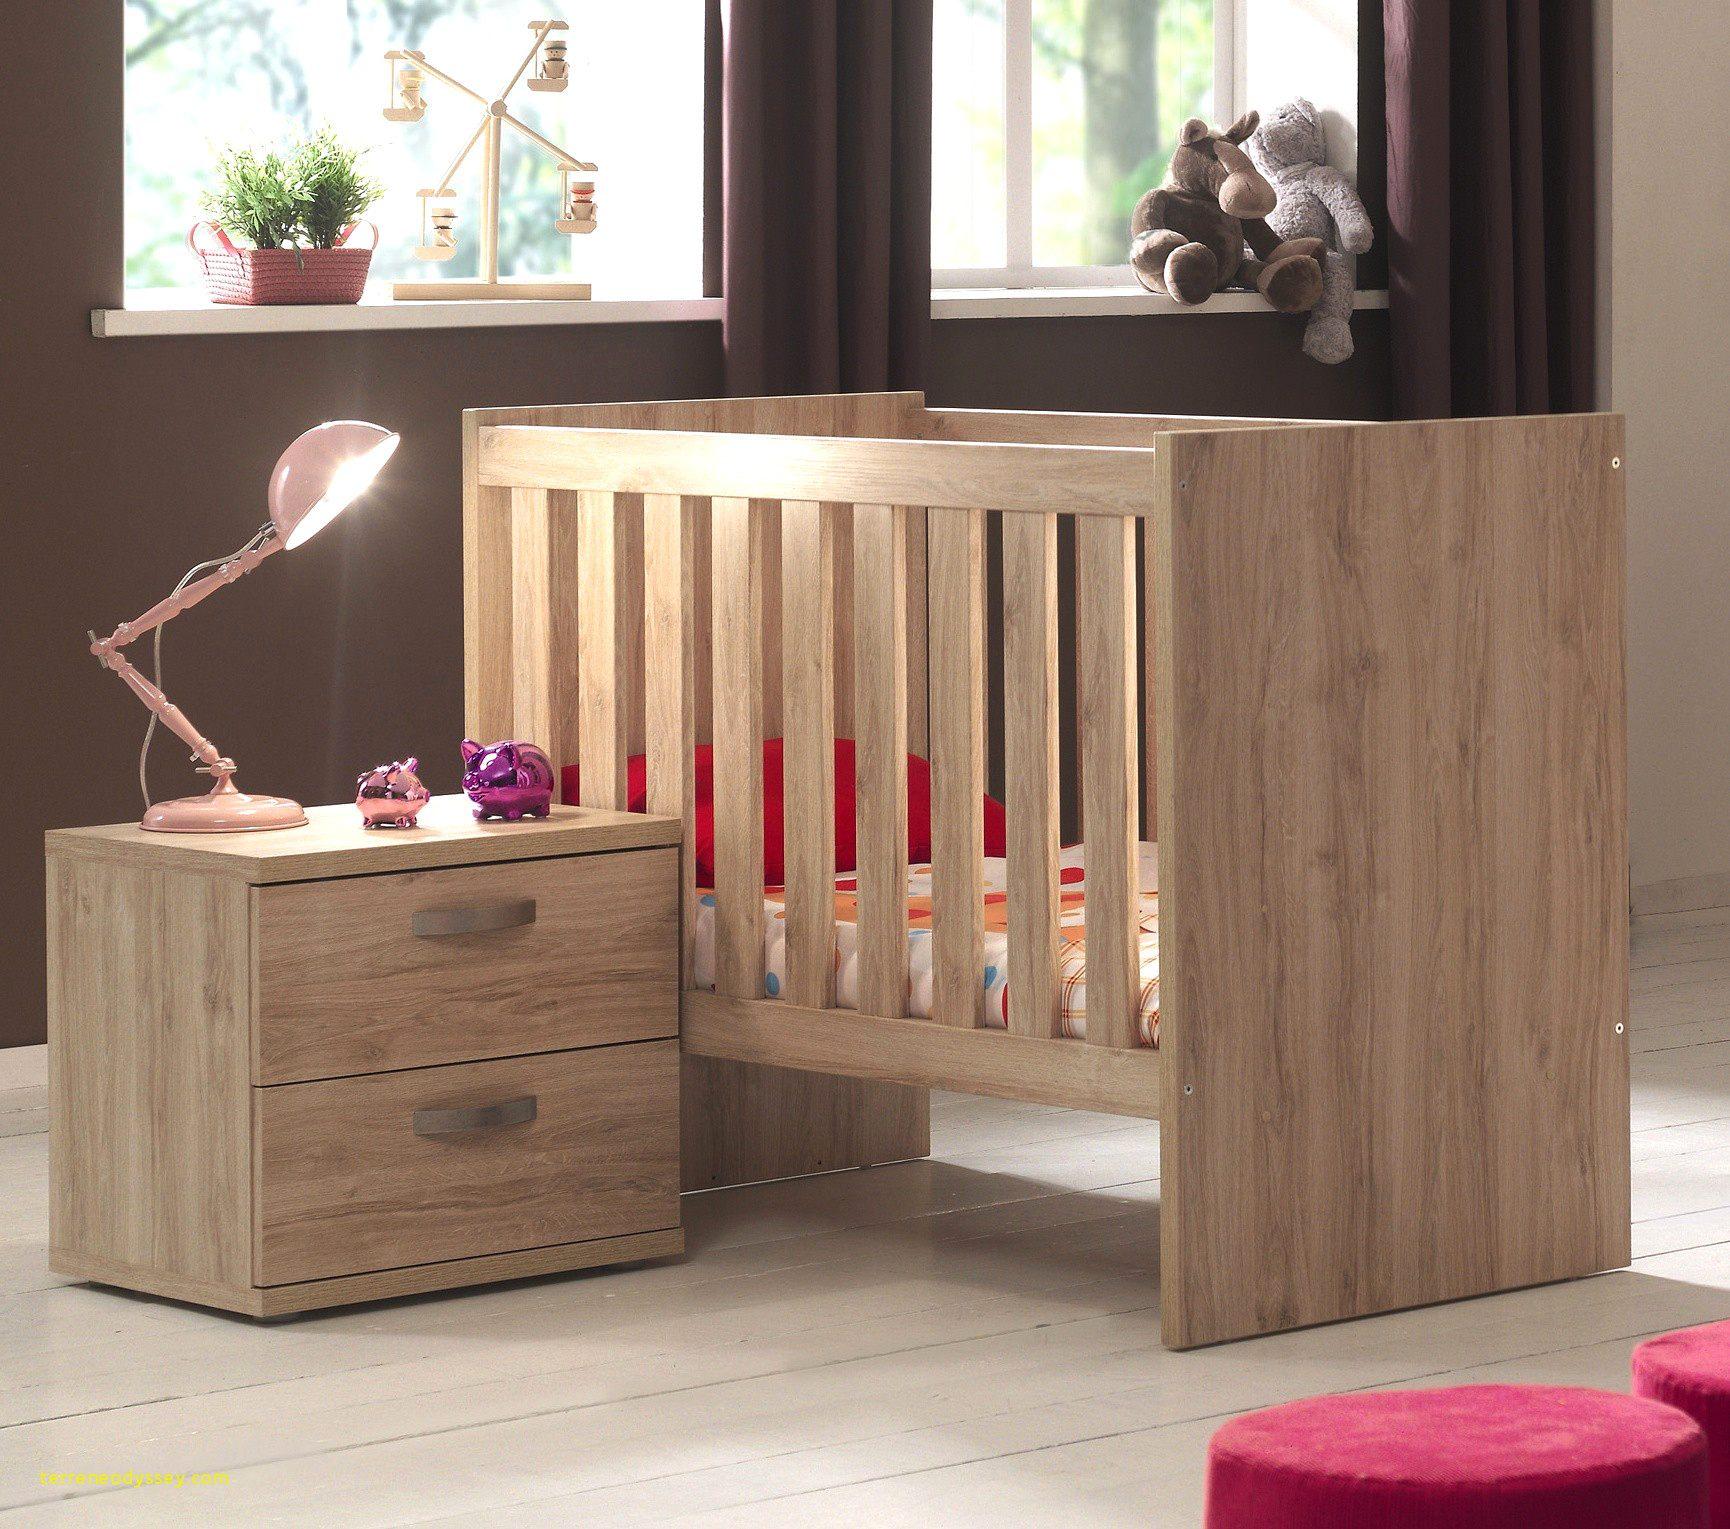 Lit En Bois Enfant Magnifique Résultat Supérieur 70 Nouveau Lit Enfant Galerie 2018 Hjr2 2018